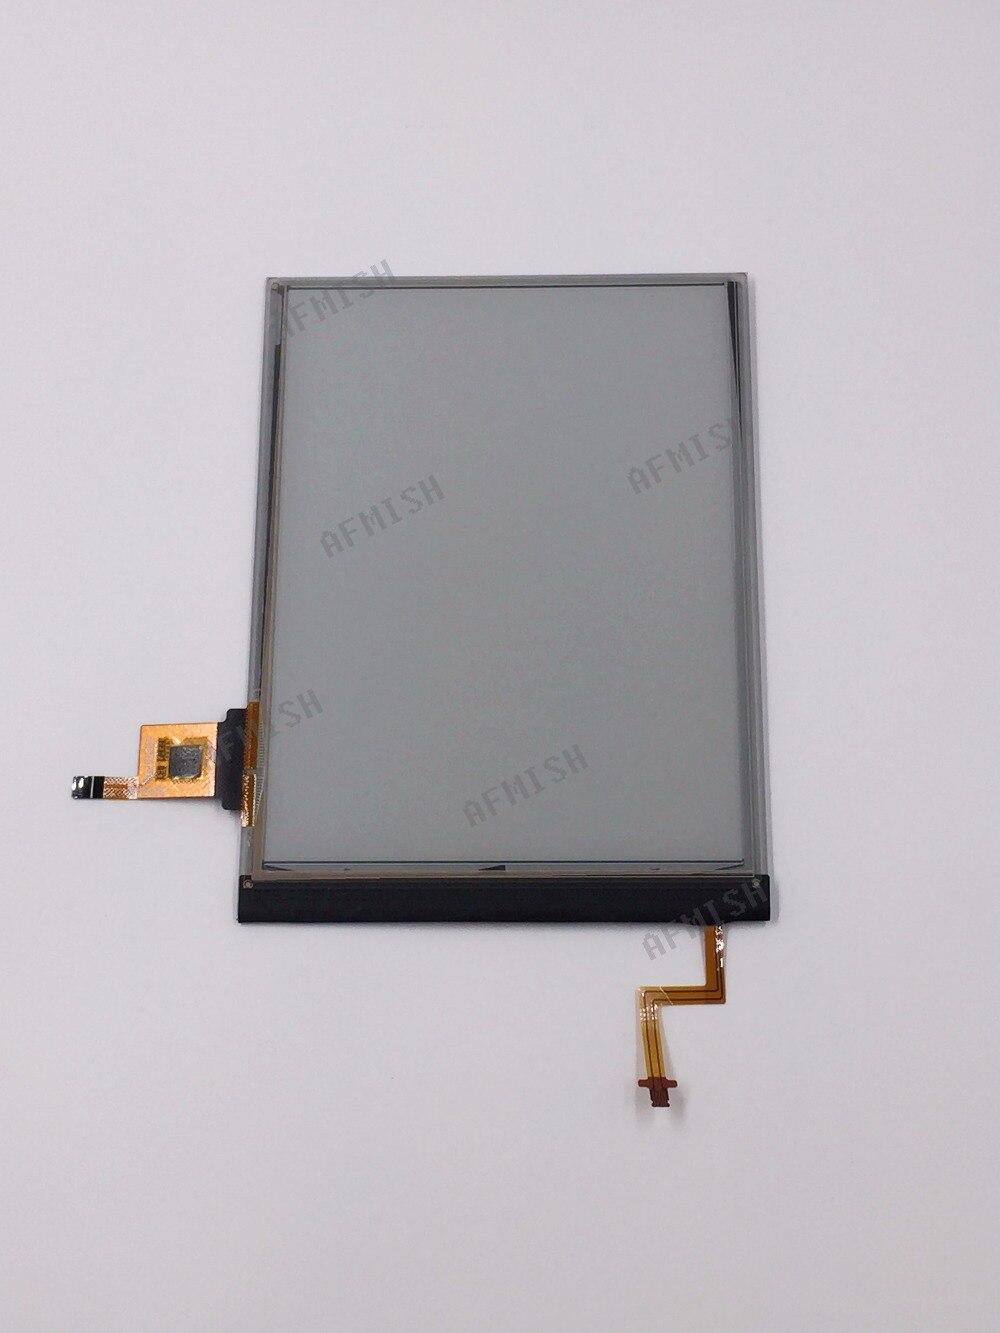 Pantalla LCD de 6 pulgadas para lectores de libros electrónicos, 100% de retroiluminación y táctil, envío gratis, ED060SCT